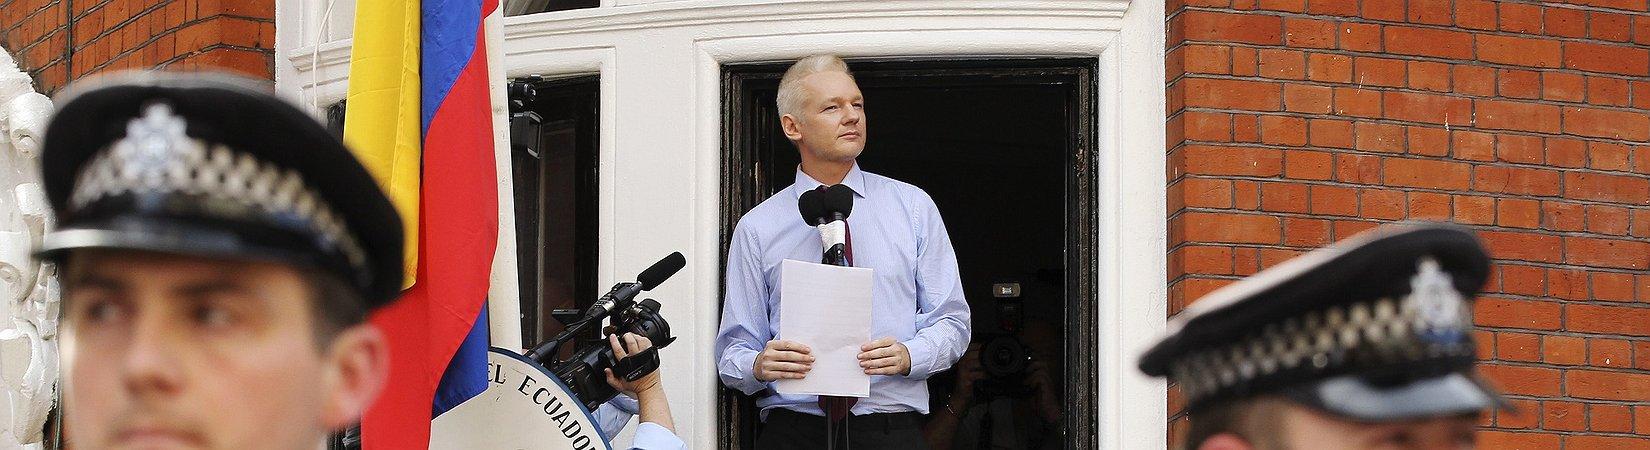 Jullian Assange macht klare Ansage